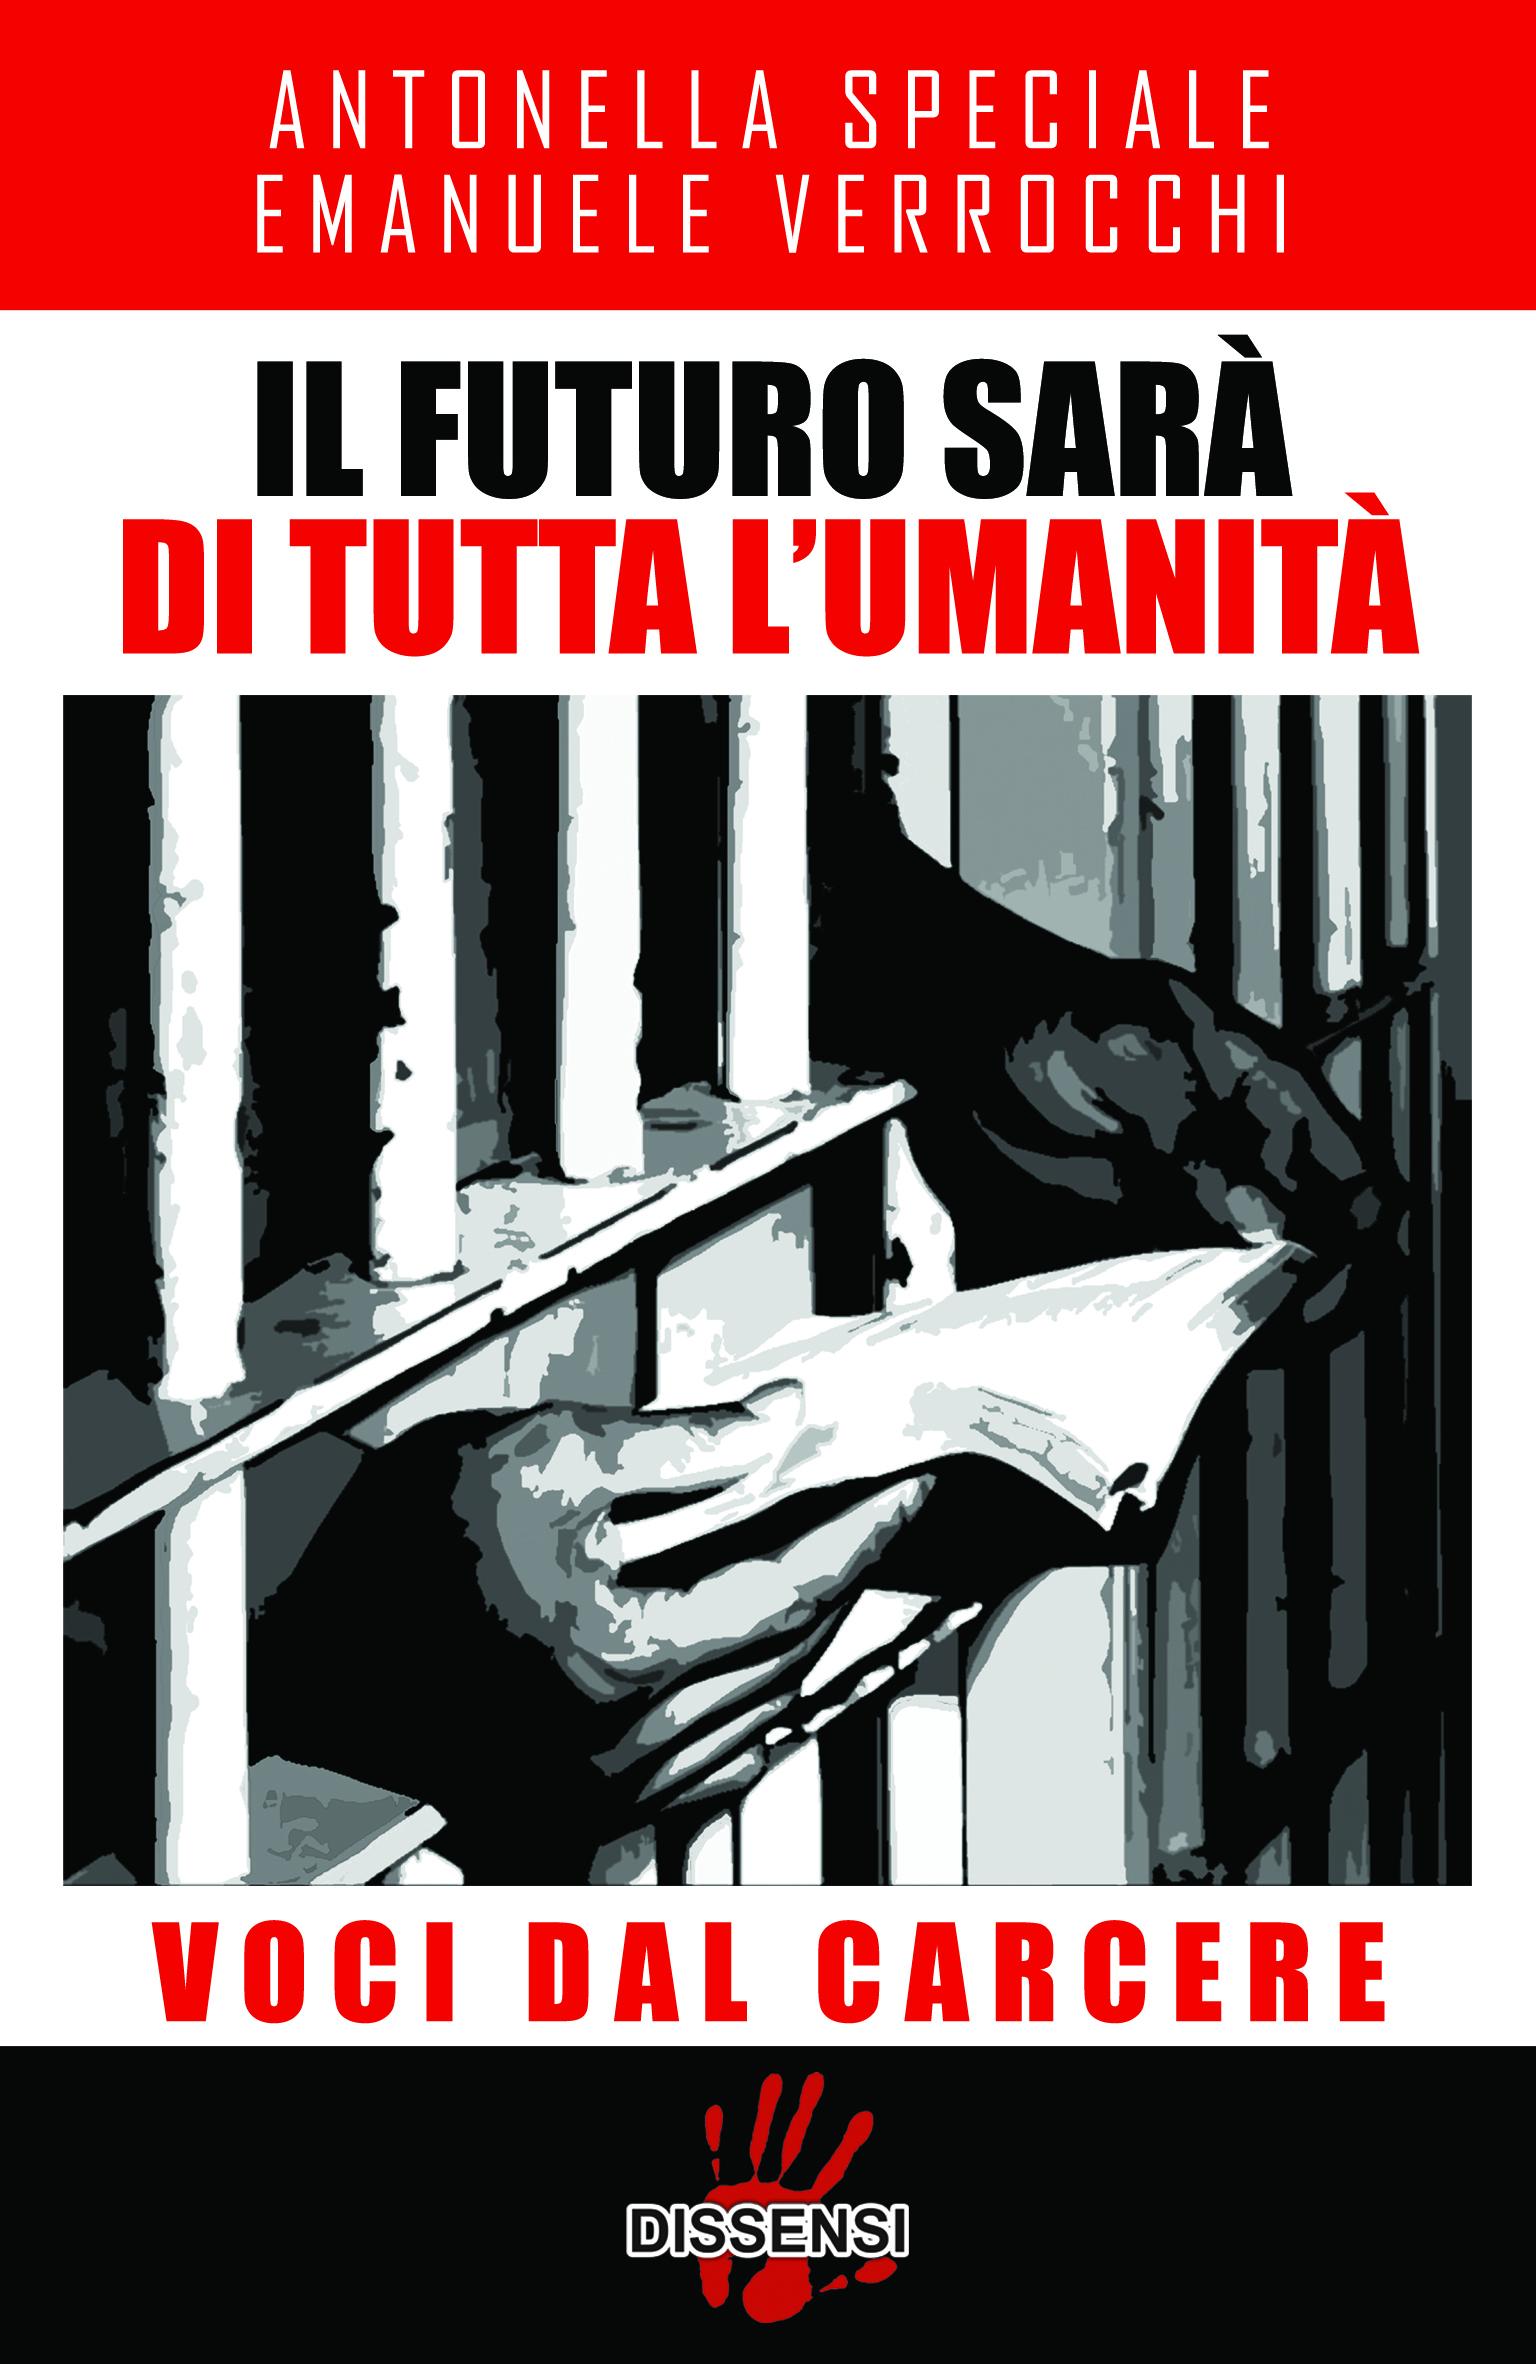 Il futuro sarà di tutta l'umanità di Antonella Speciale ed Emanuele Verrocchi-0